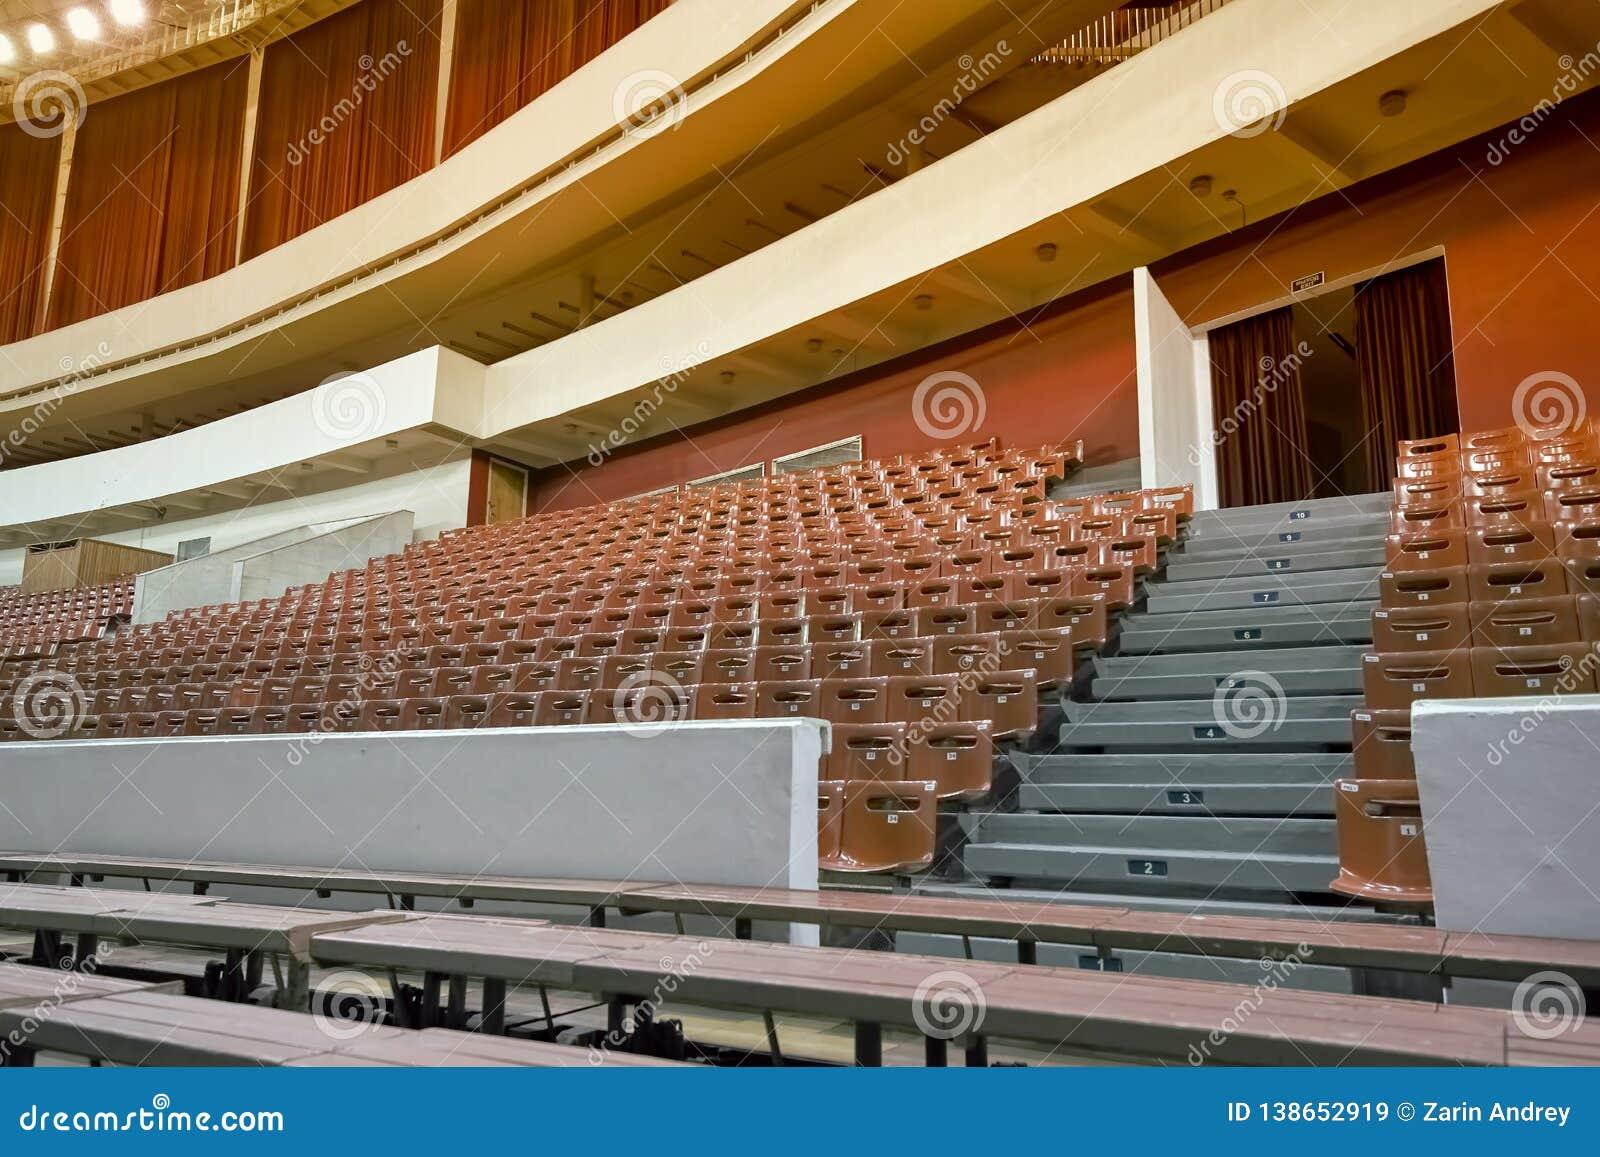 Sillas y bancos vacíos en el auditorio Concepto: falta de interés, fracaso, boicoteo